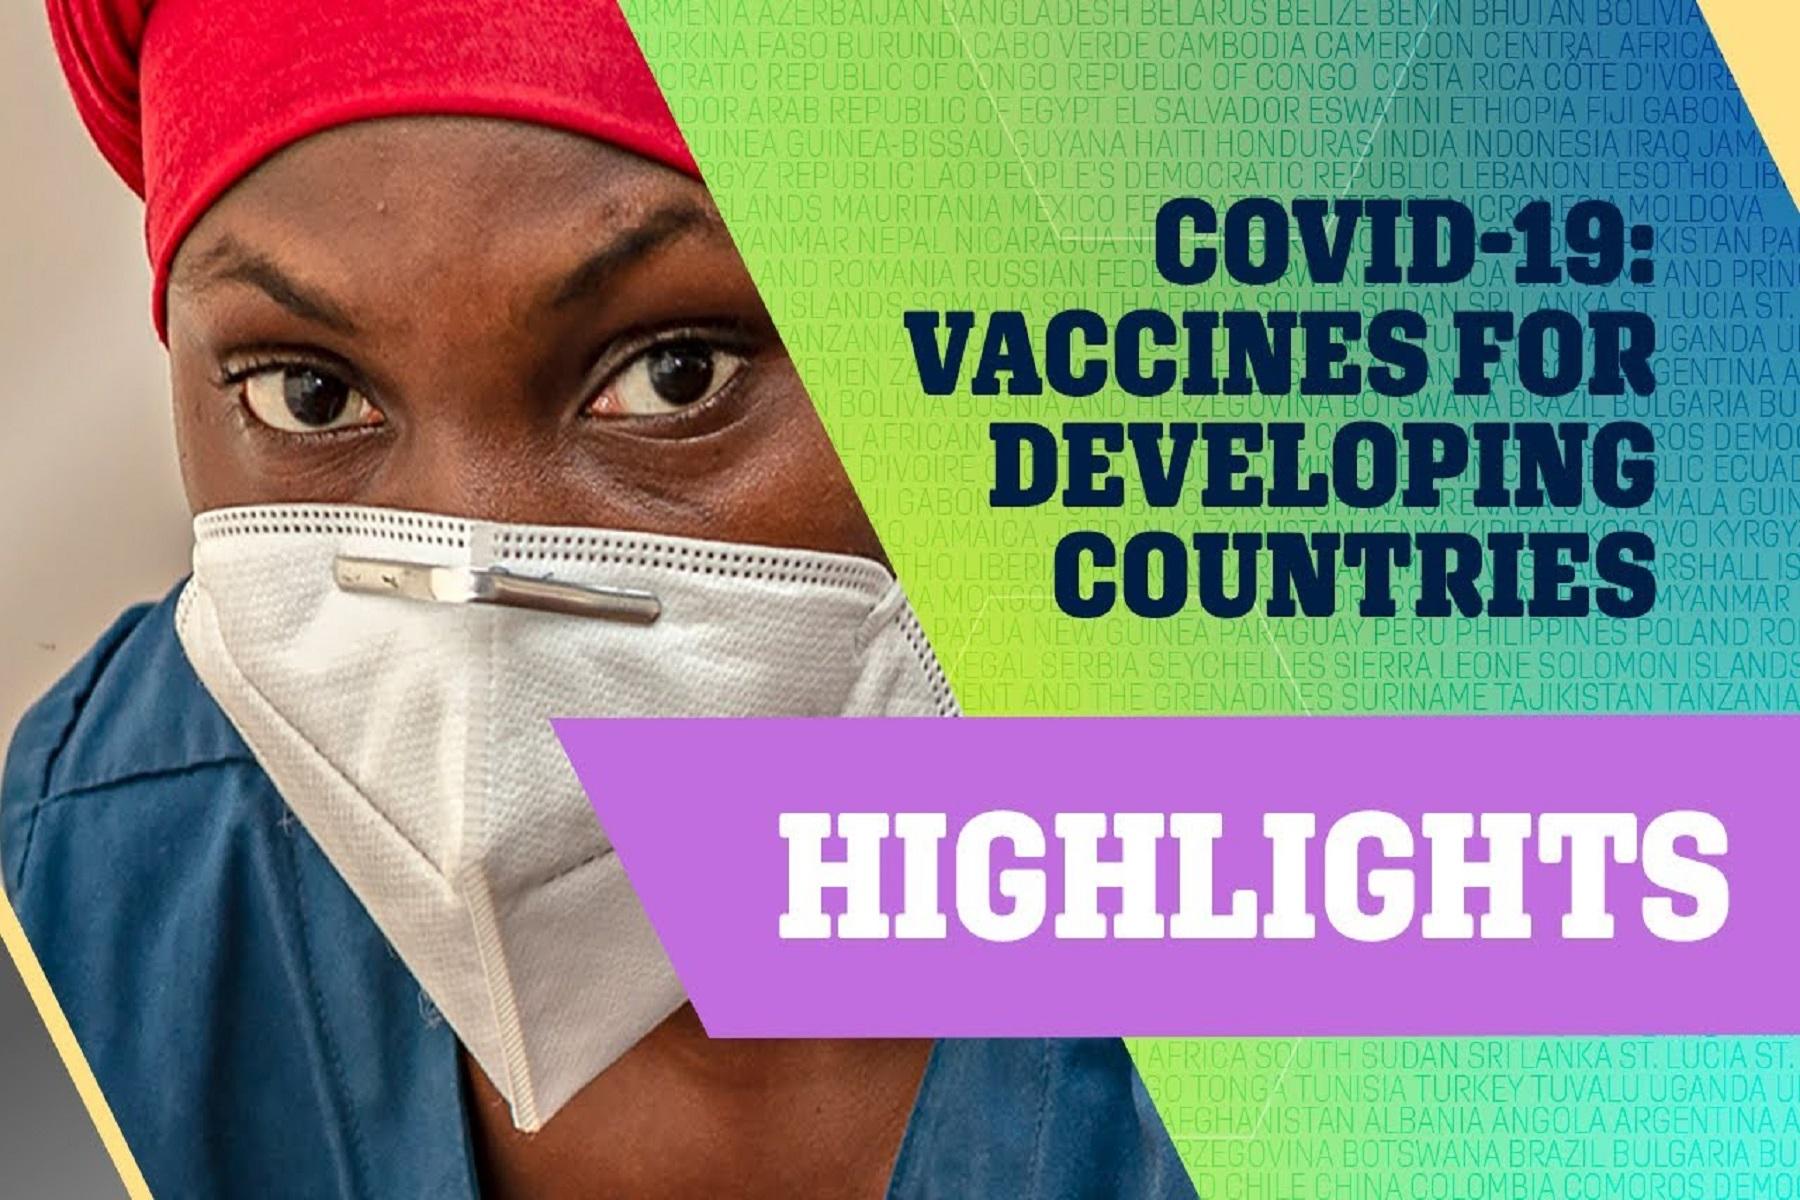 ΠΟΥ: Η χορήγηση εμβολίου COVID-19 στα παιδιά «δεν αποτελεί υψηλή προτεραιότητα» εν μέσω έλλειψης